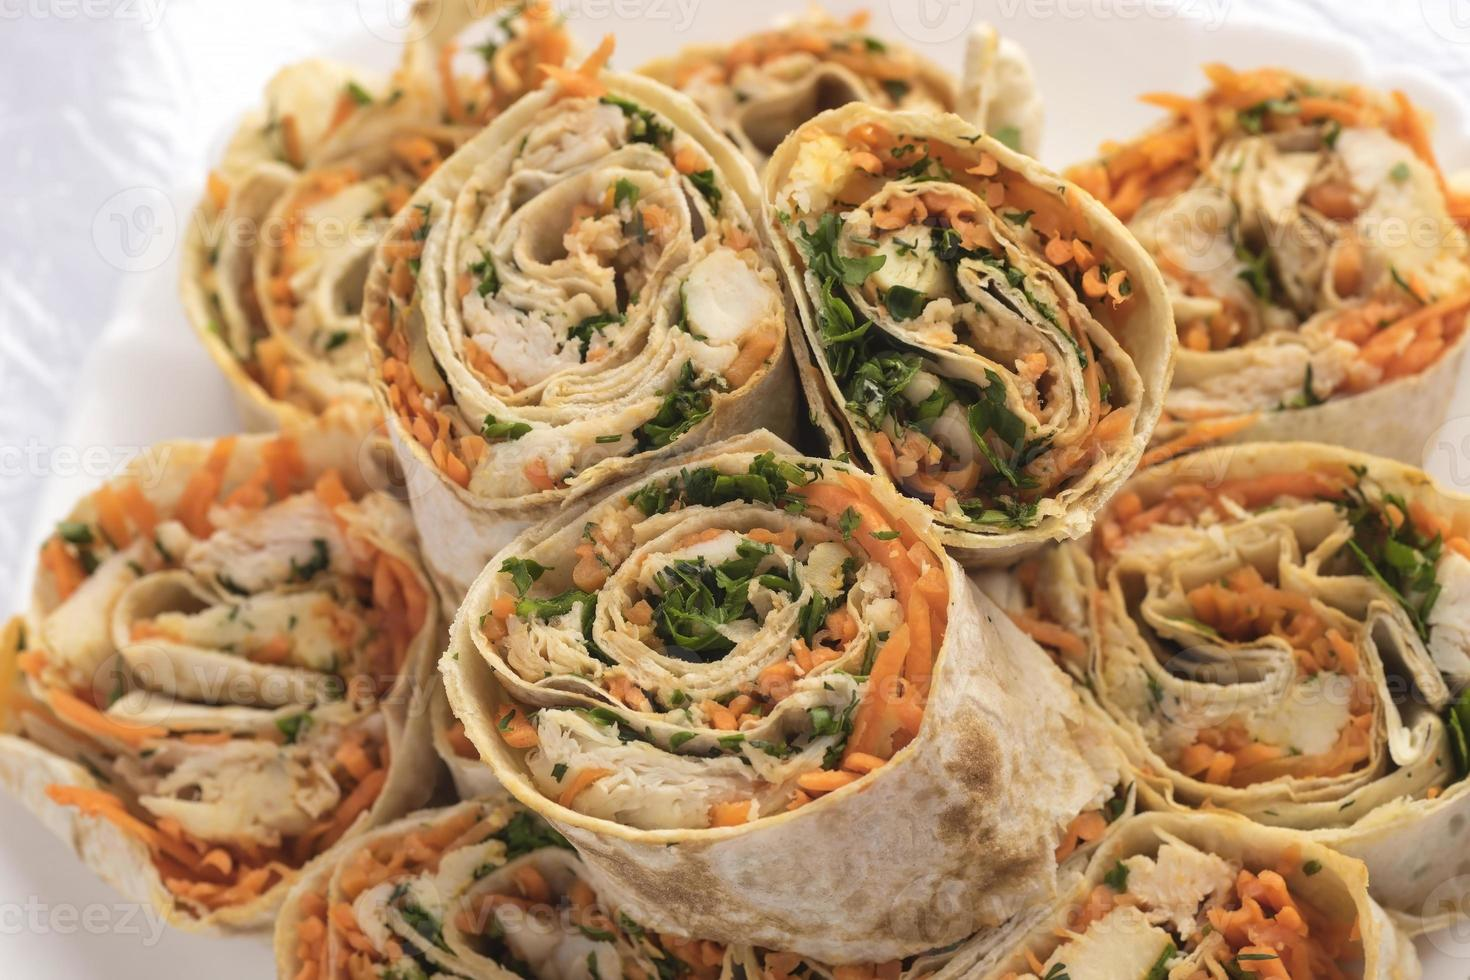 pãezinhos com cenoura, frango e verduras foto